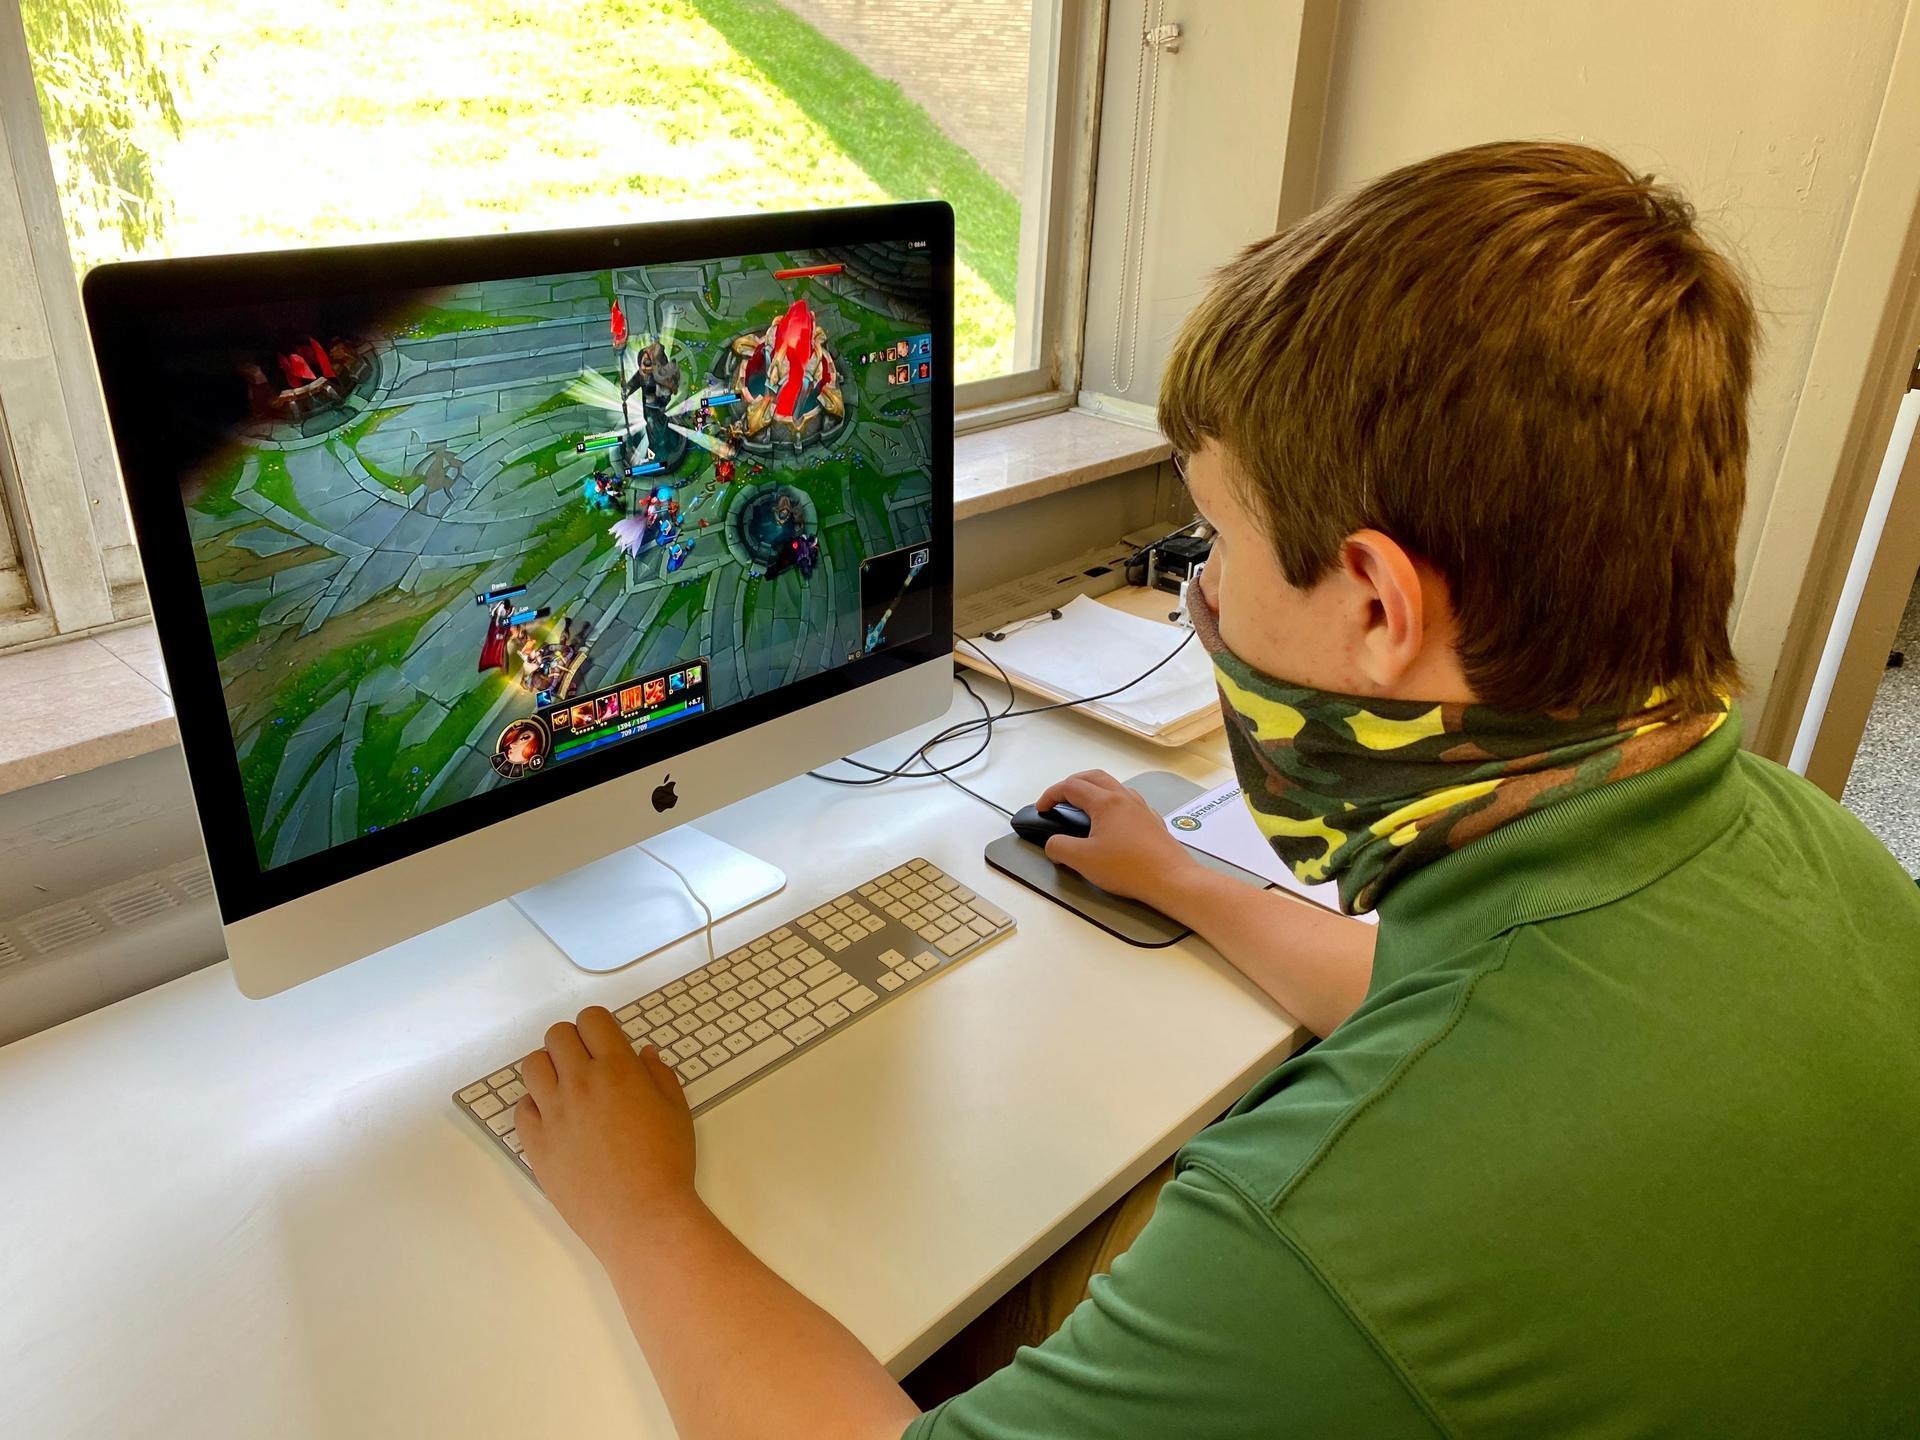 boy plays League of Legends